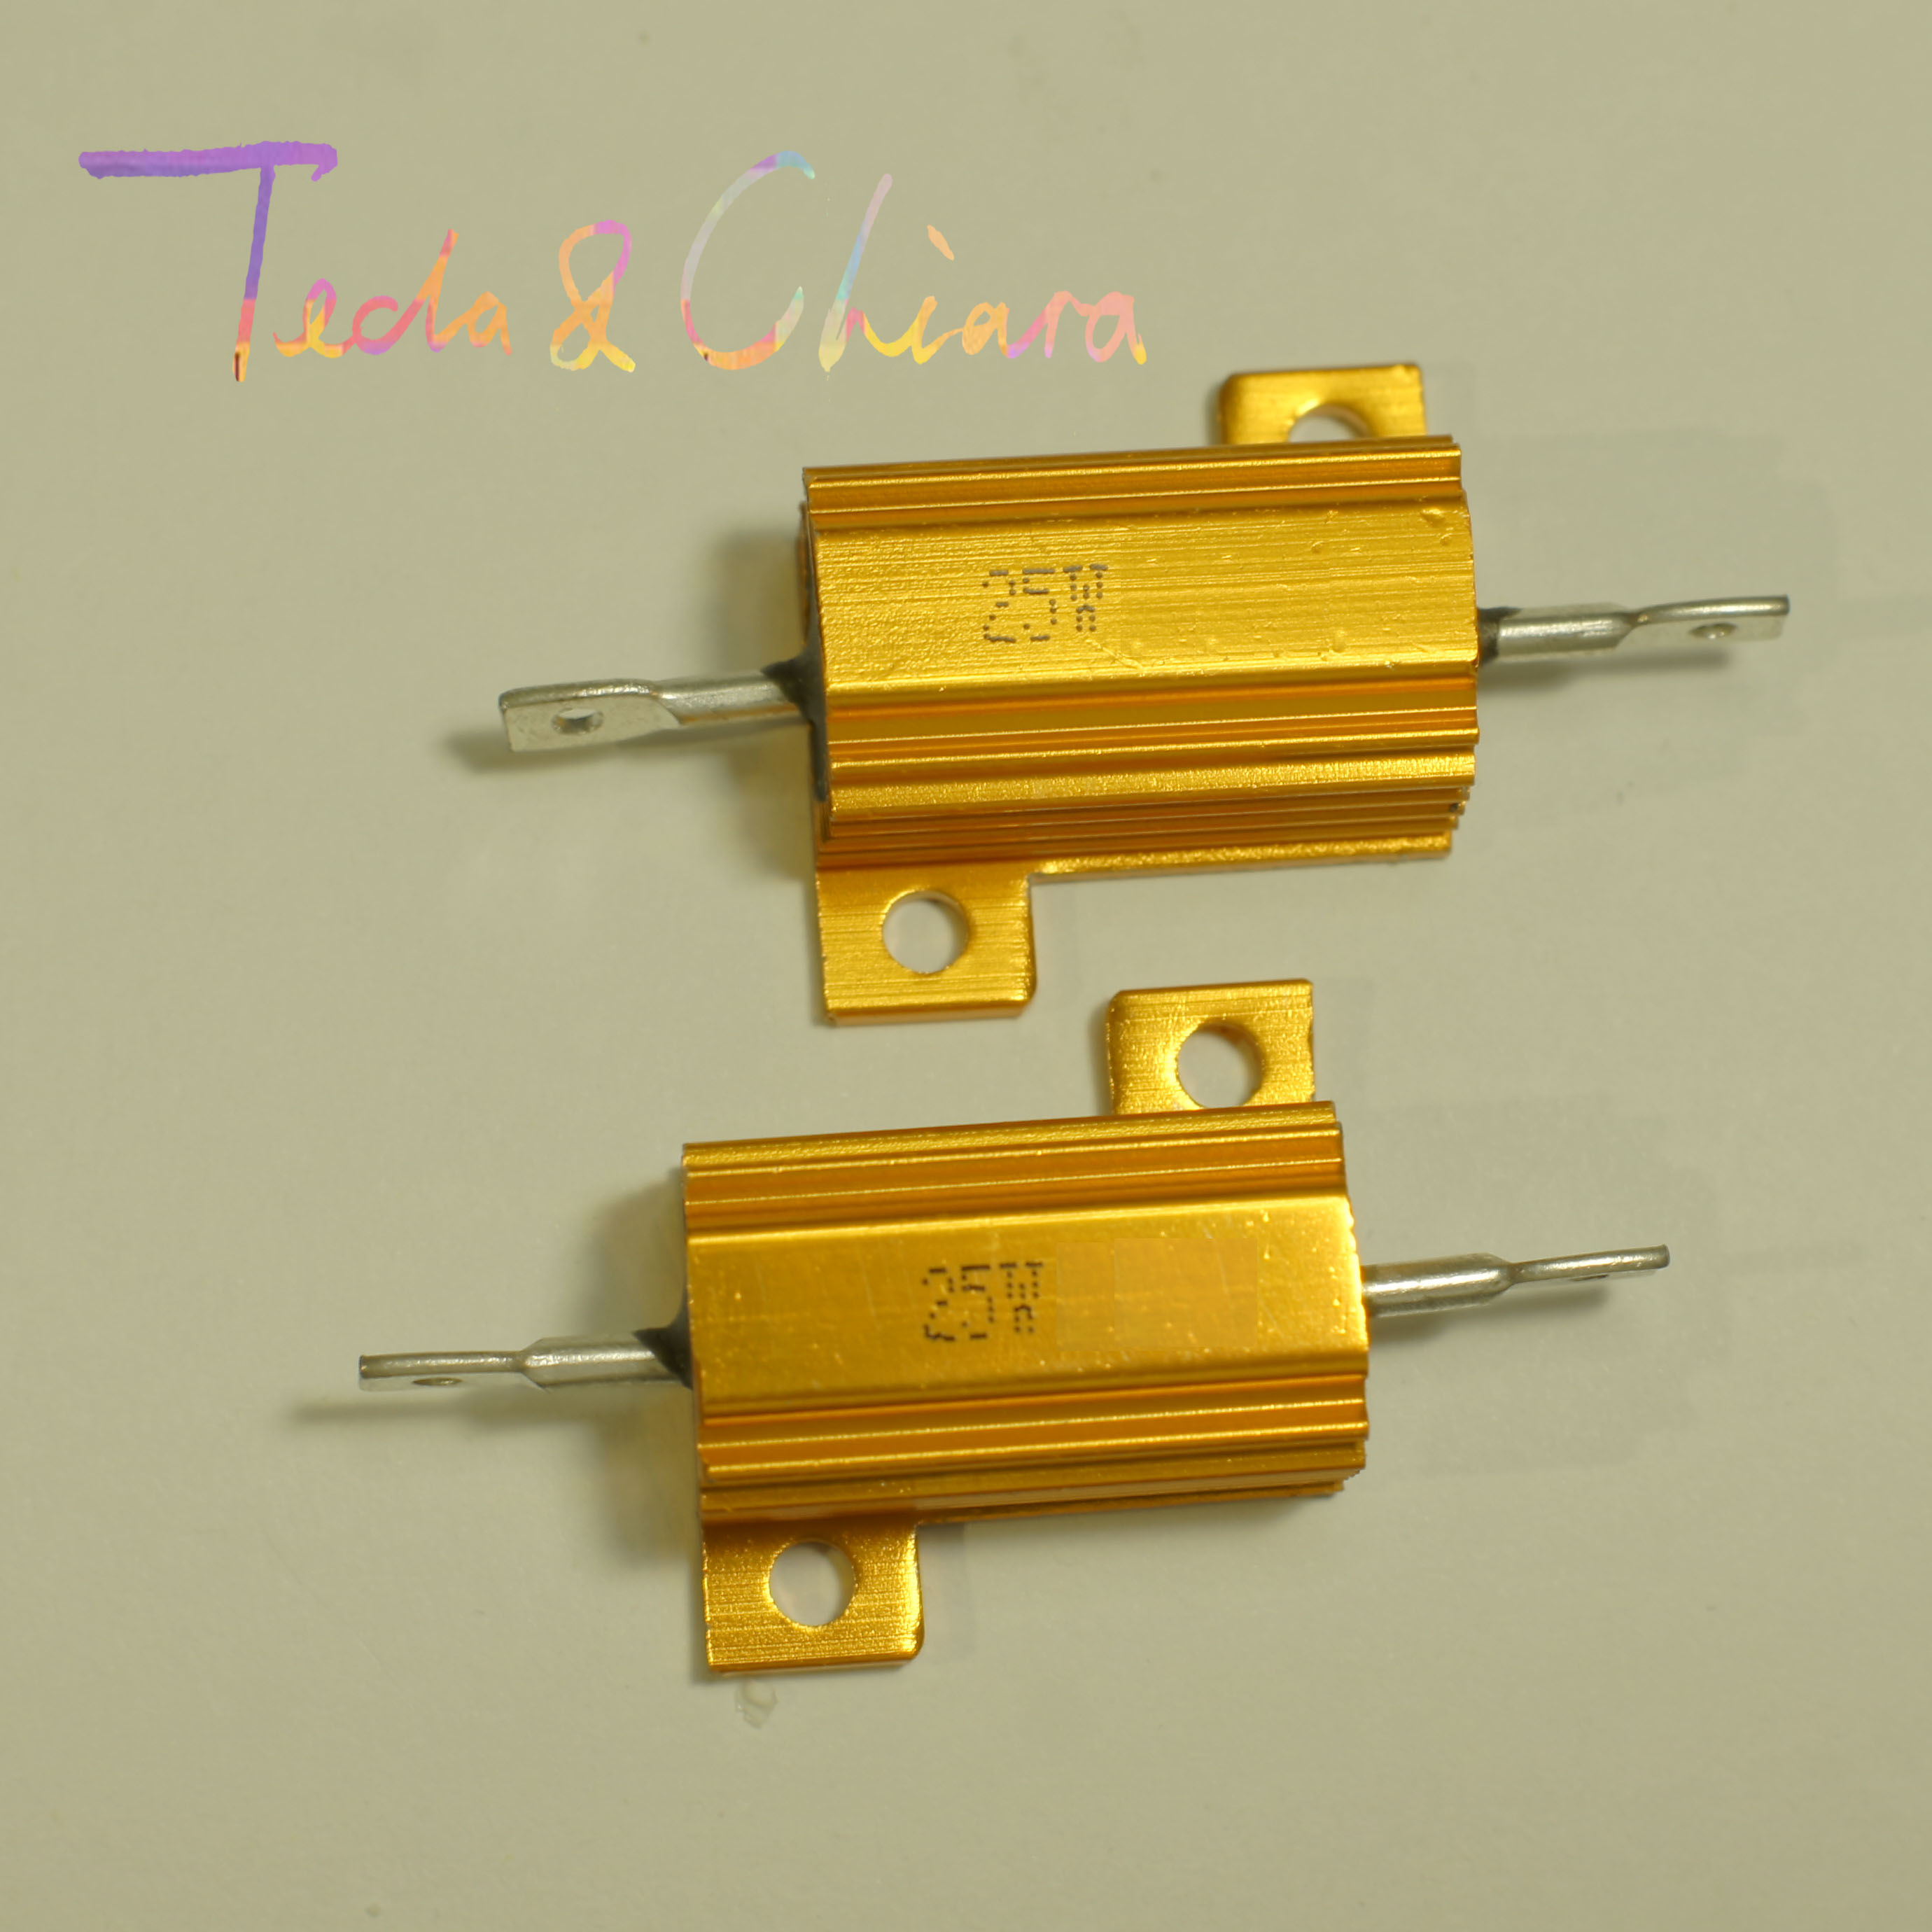 25 antennes jaune creuses diamètre 2MM//1  pour flotteurs de pêche longueur 55mm